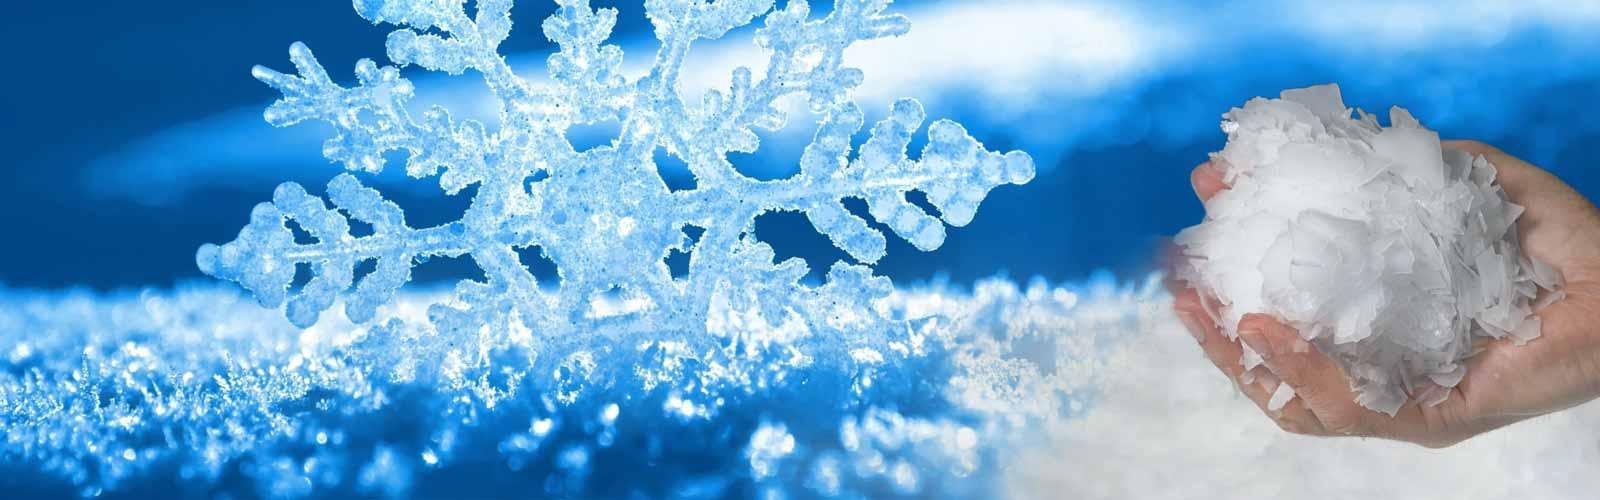 برفک ساز